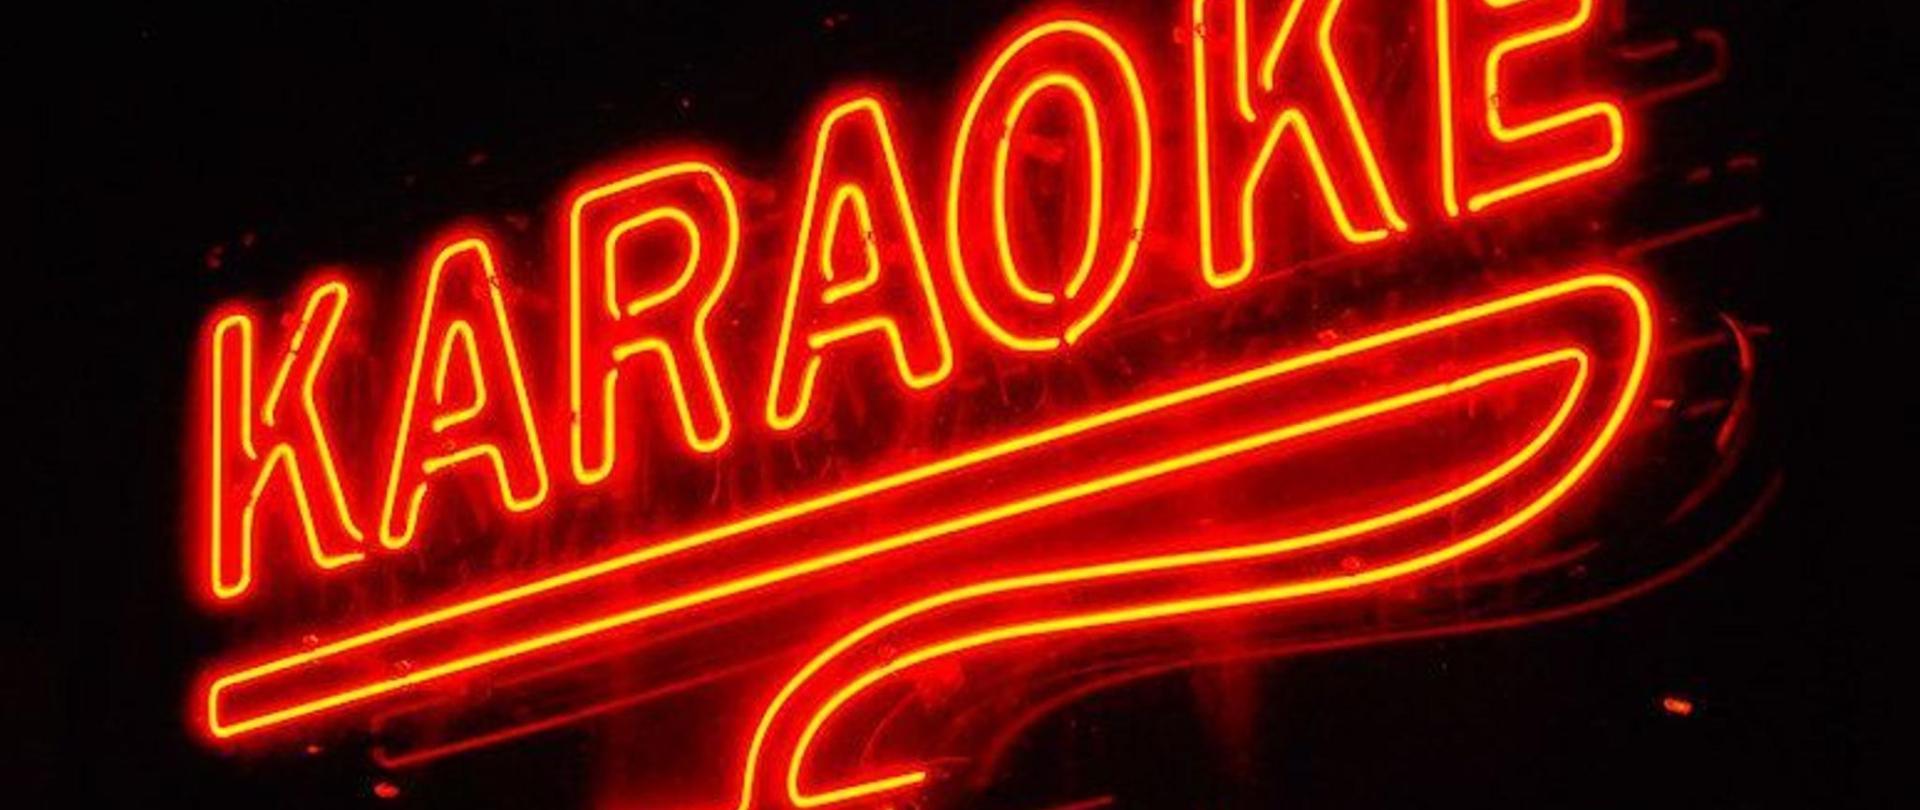 karaoke2-2.jpg